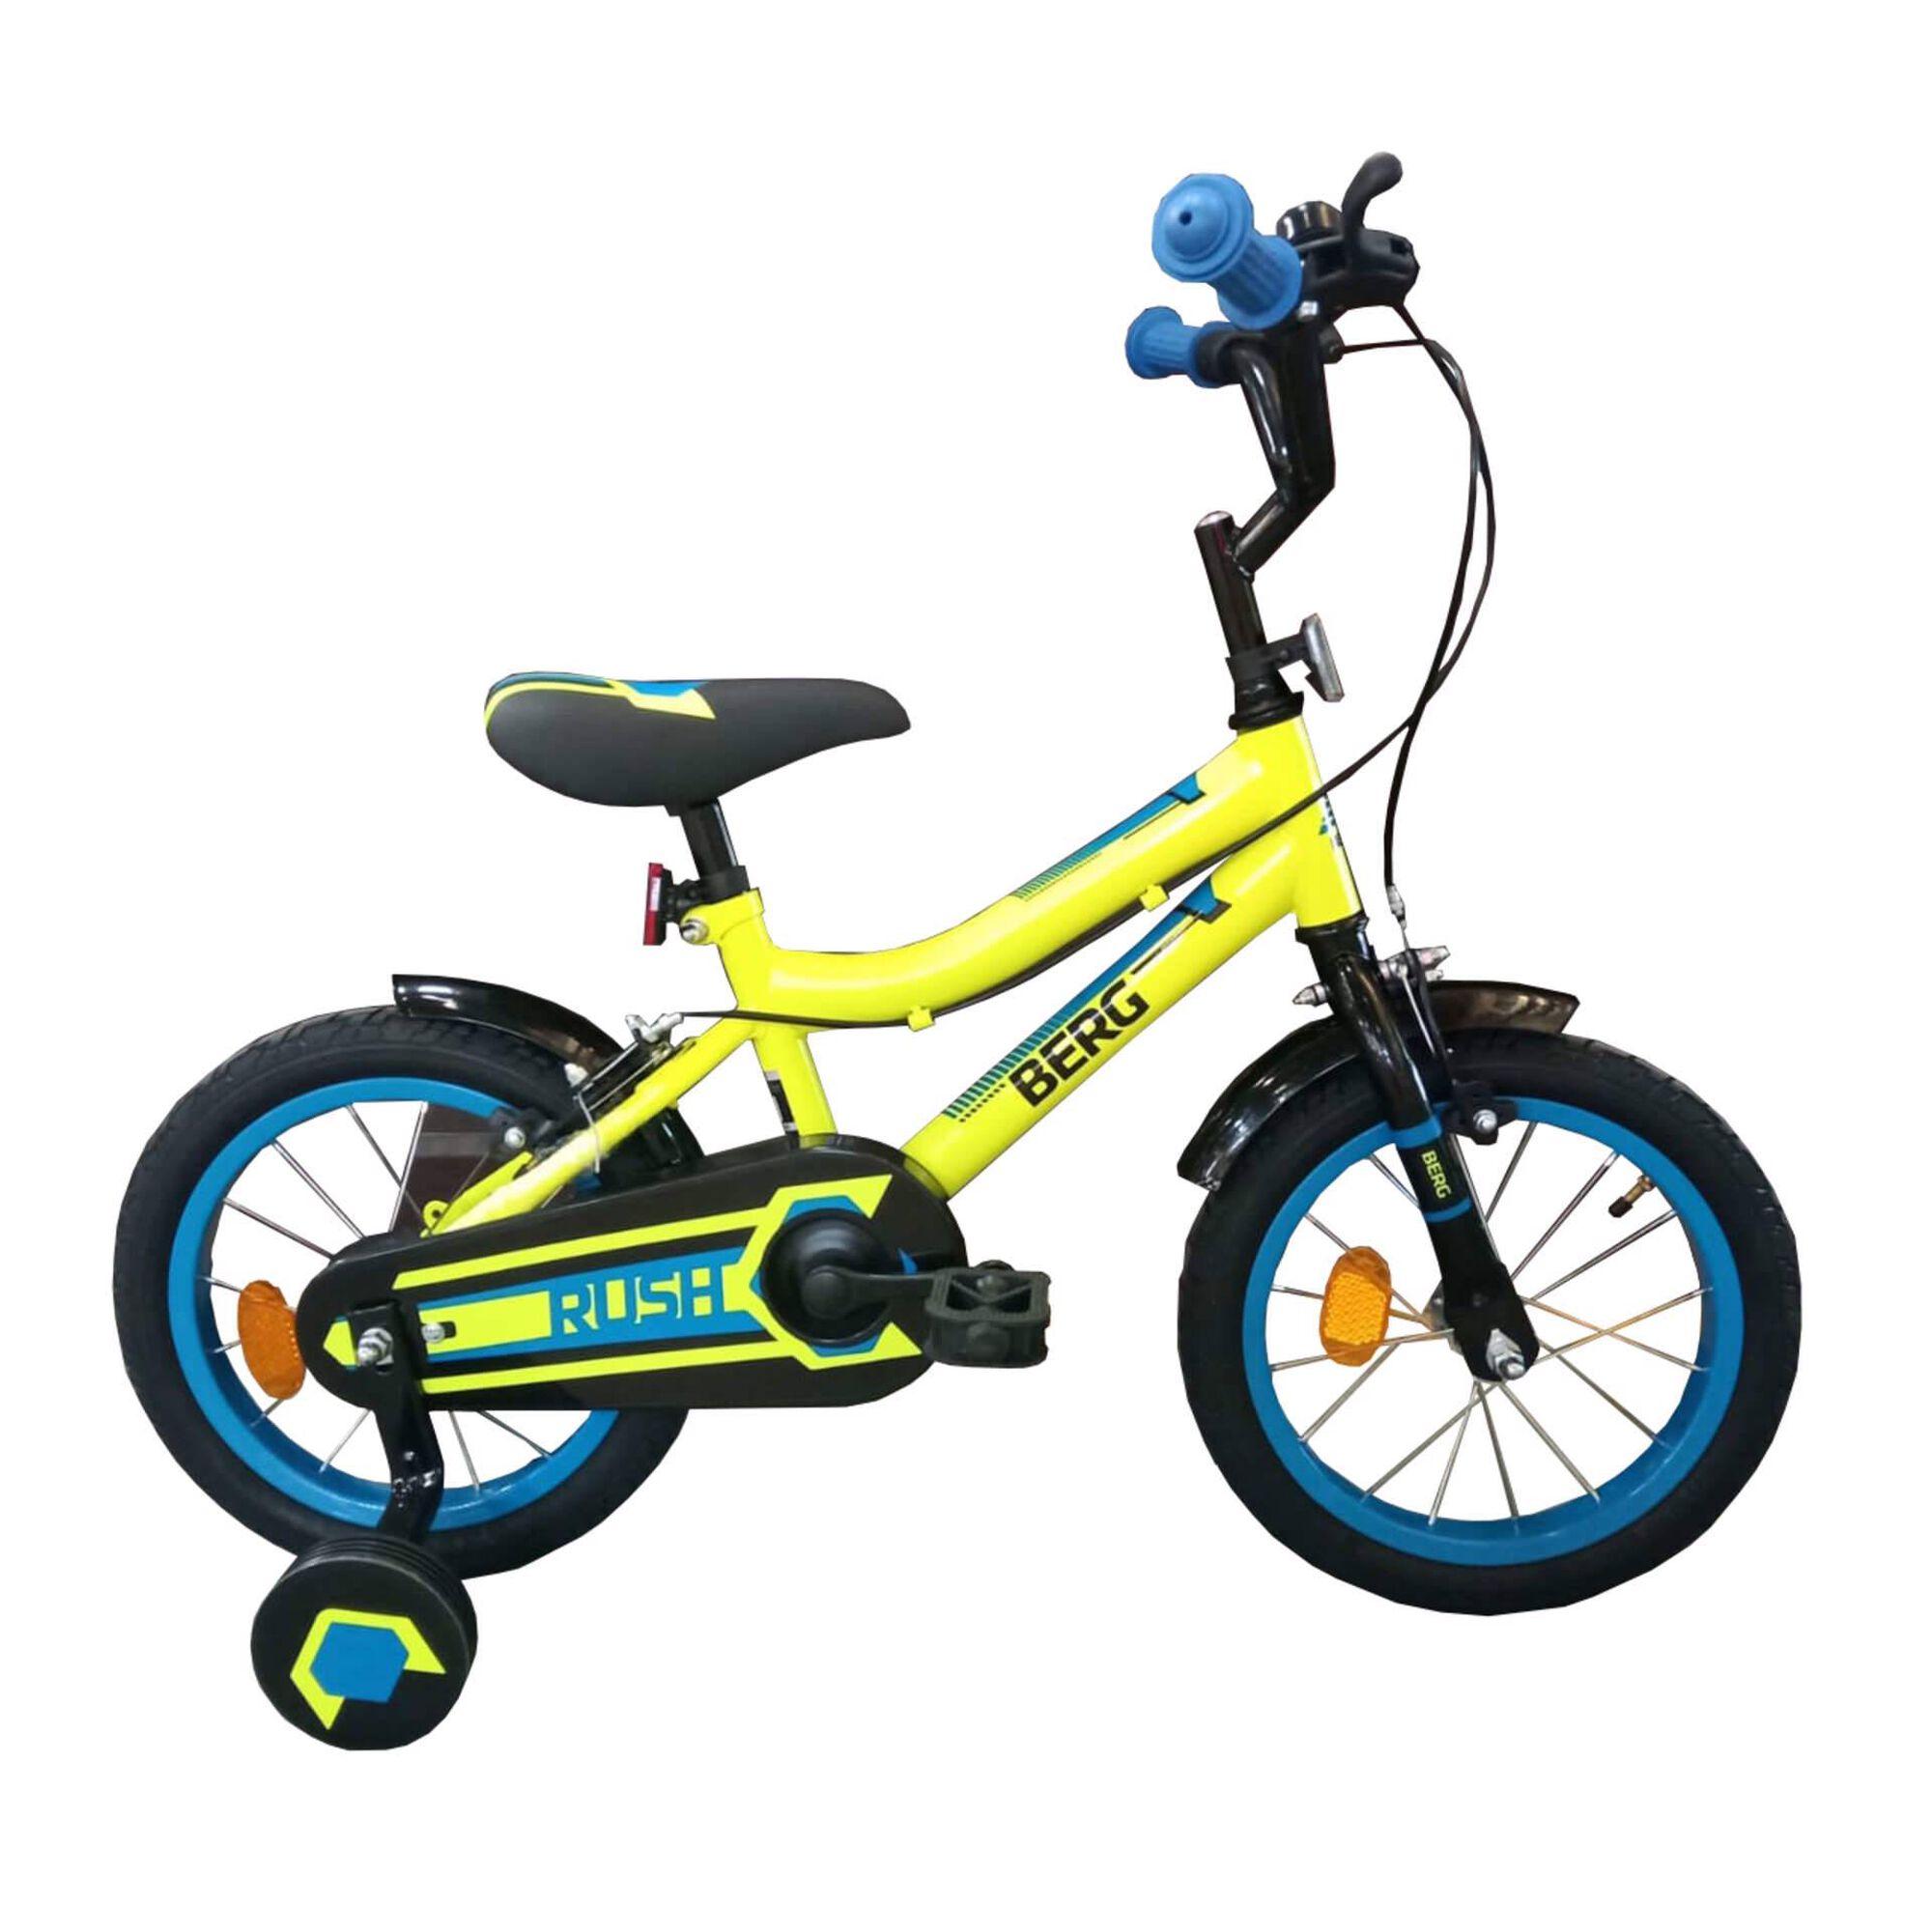 """Bicicleta Criança Roda 14"""" 4-6 Anos Amarela e Azul"""